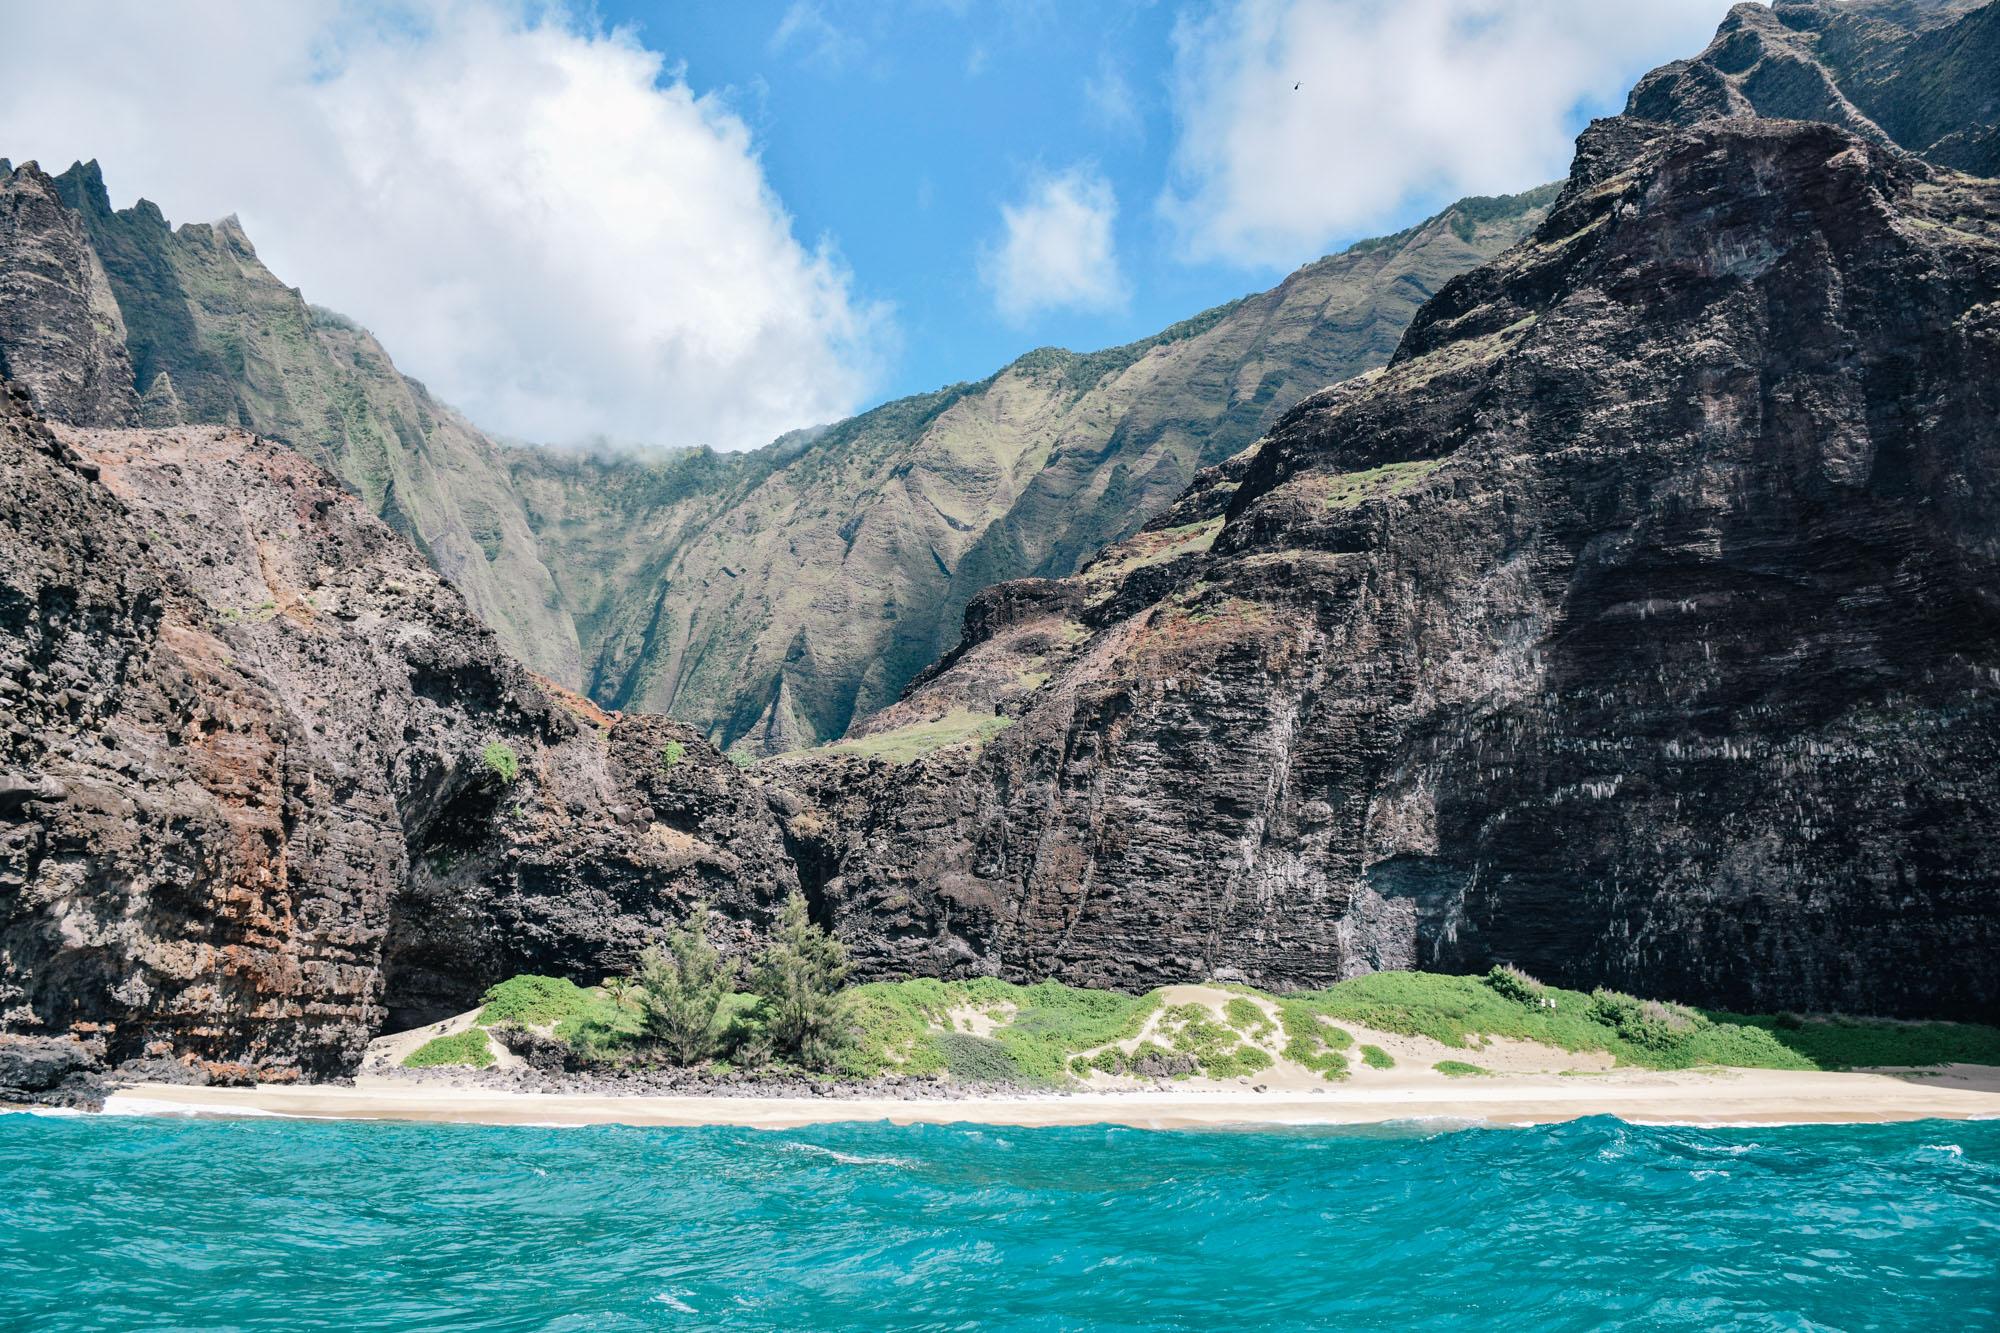 kauai twins of journey